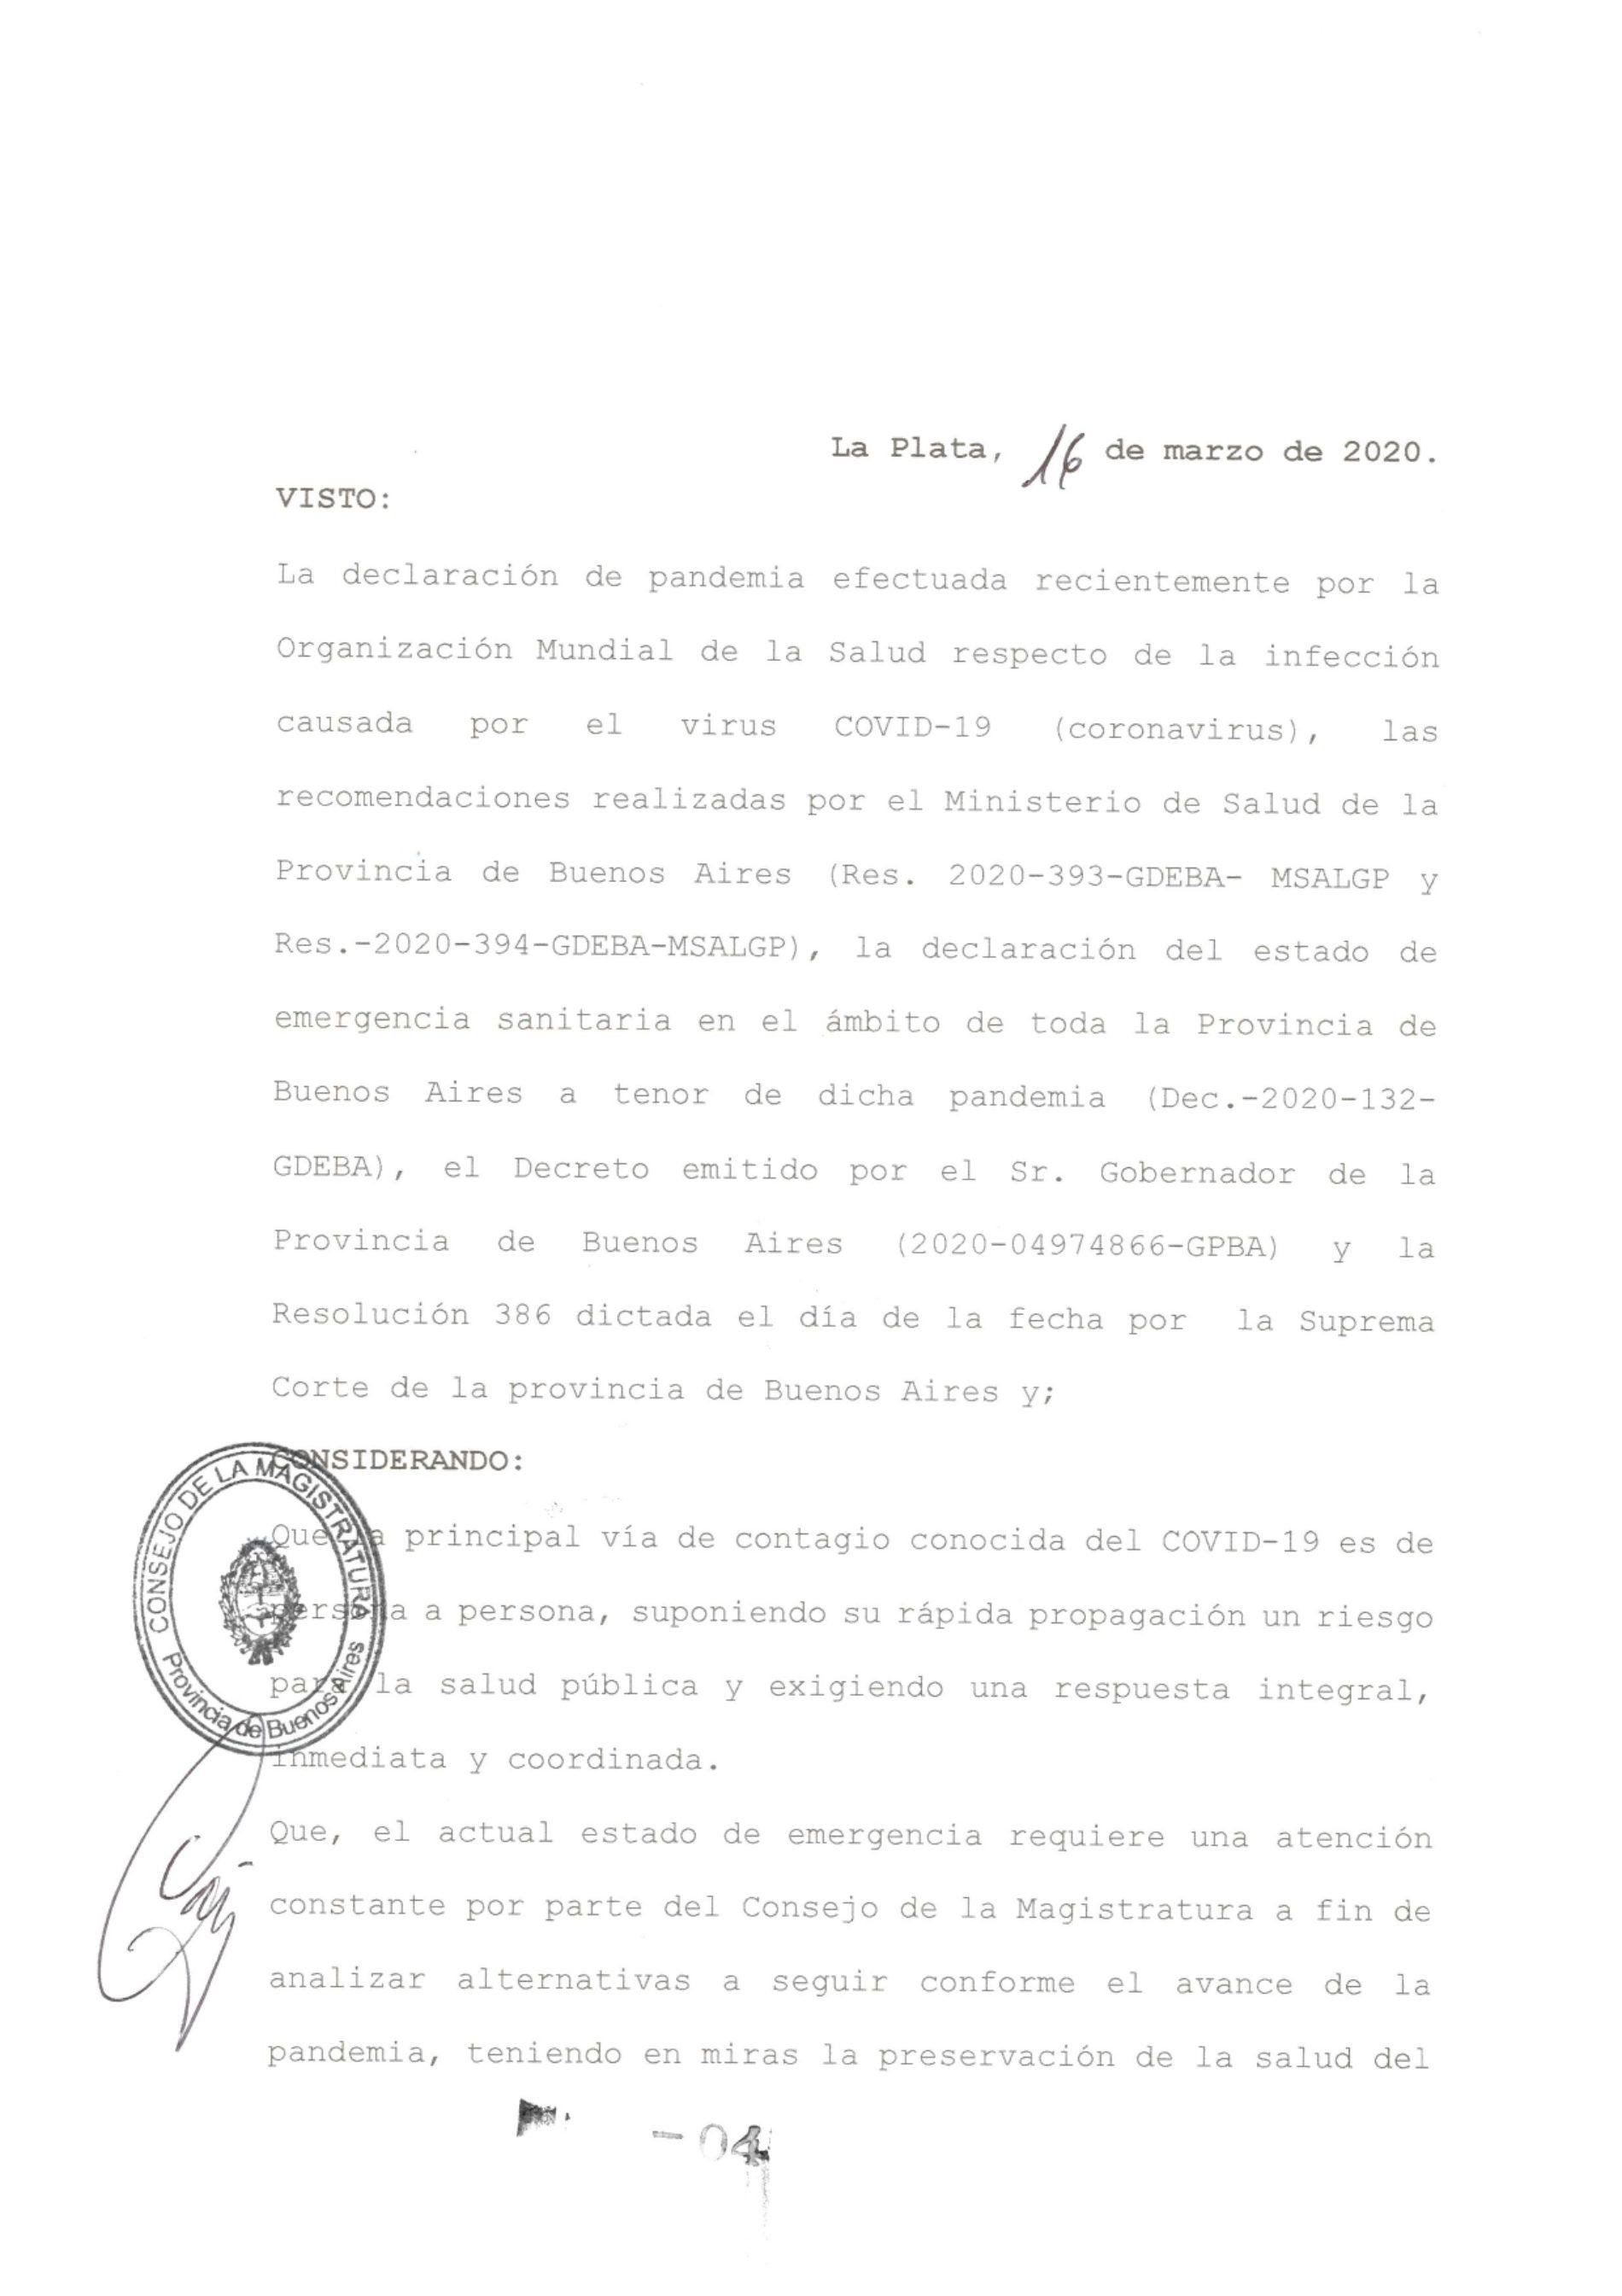 Consejo de la Magistratura Bonaerense (Res. nº 4): Asueto-Guardias Mínimas-Suspensión de Plazos.